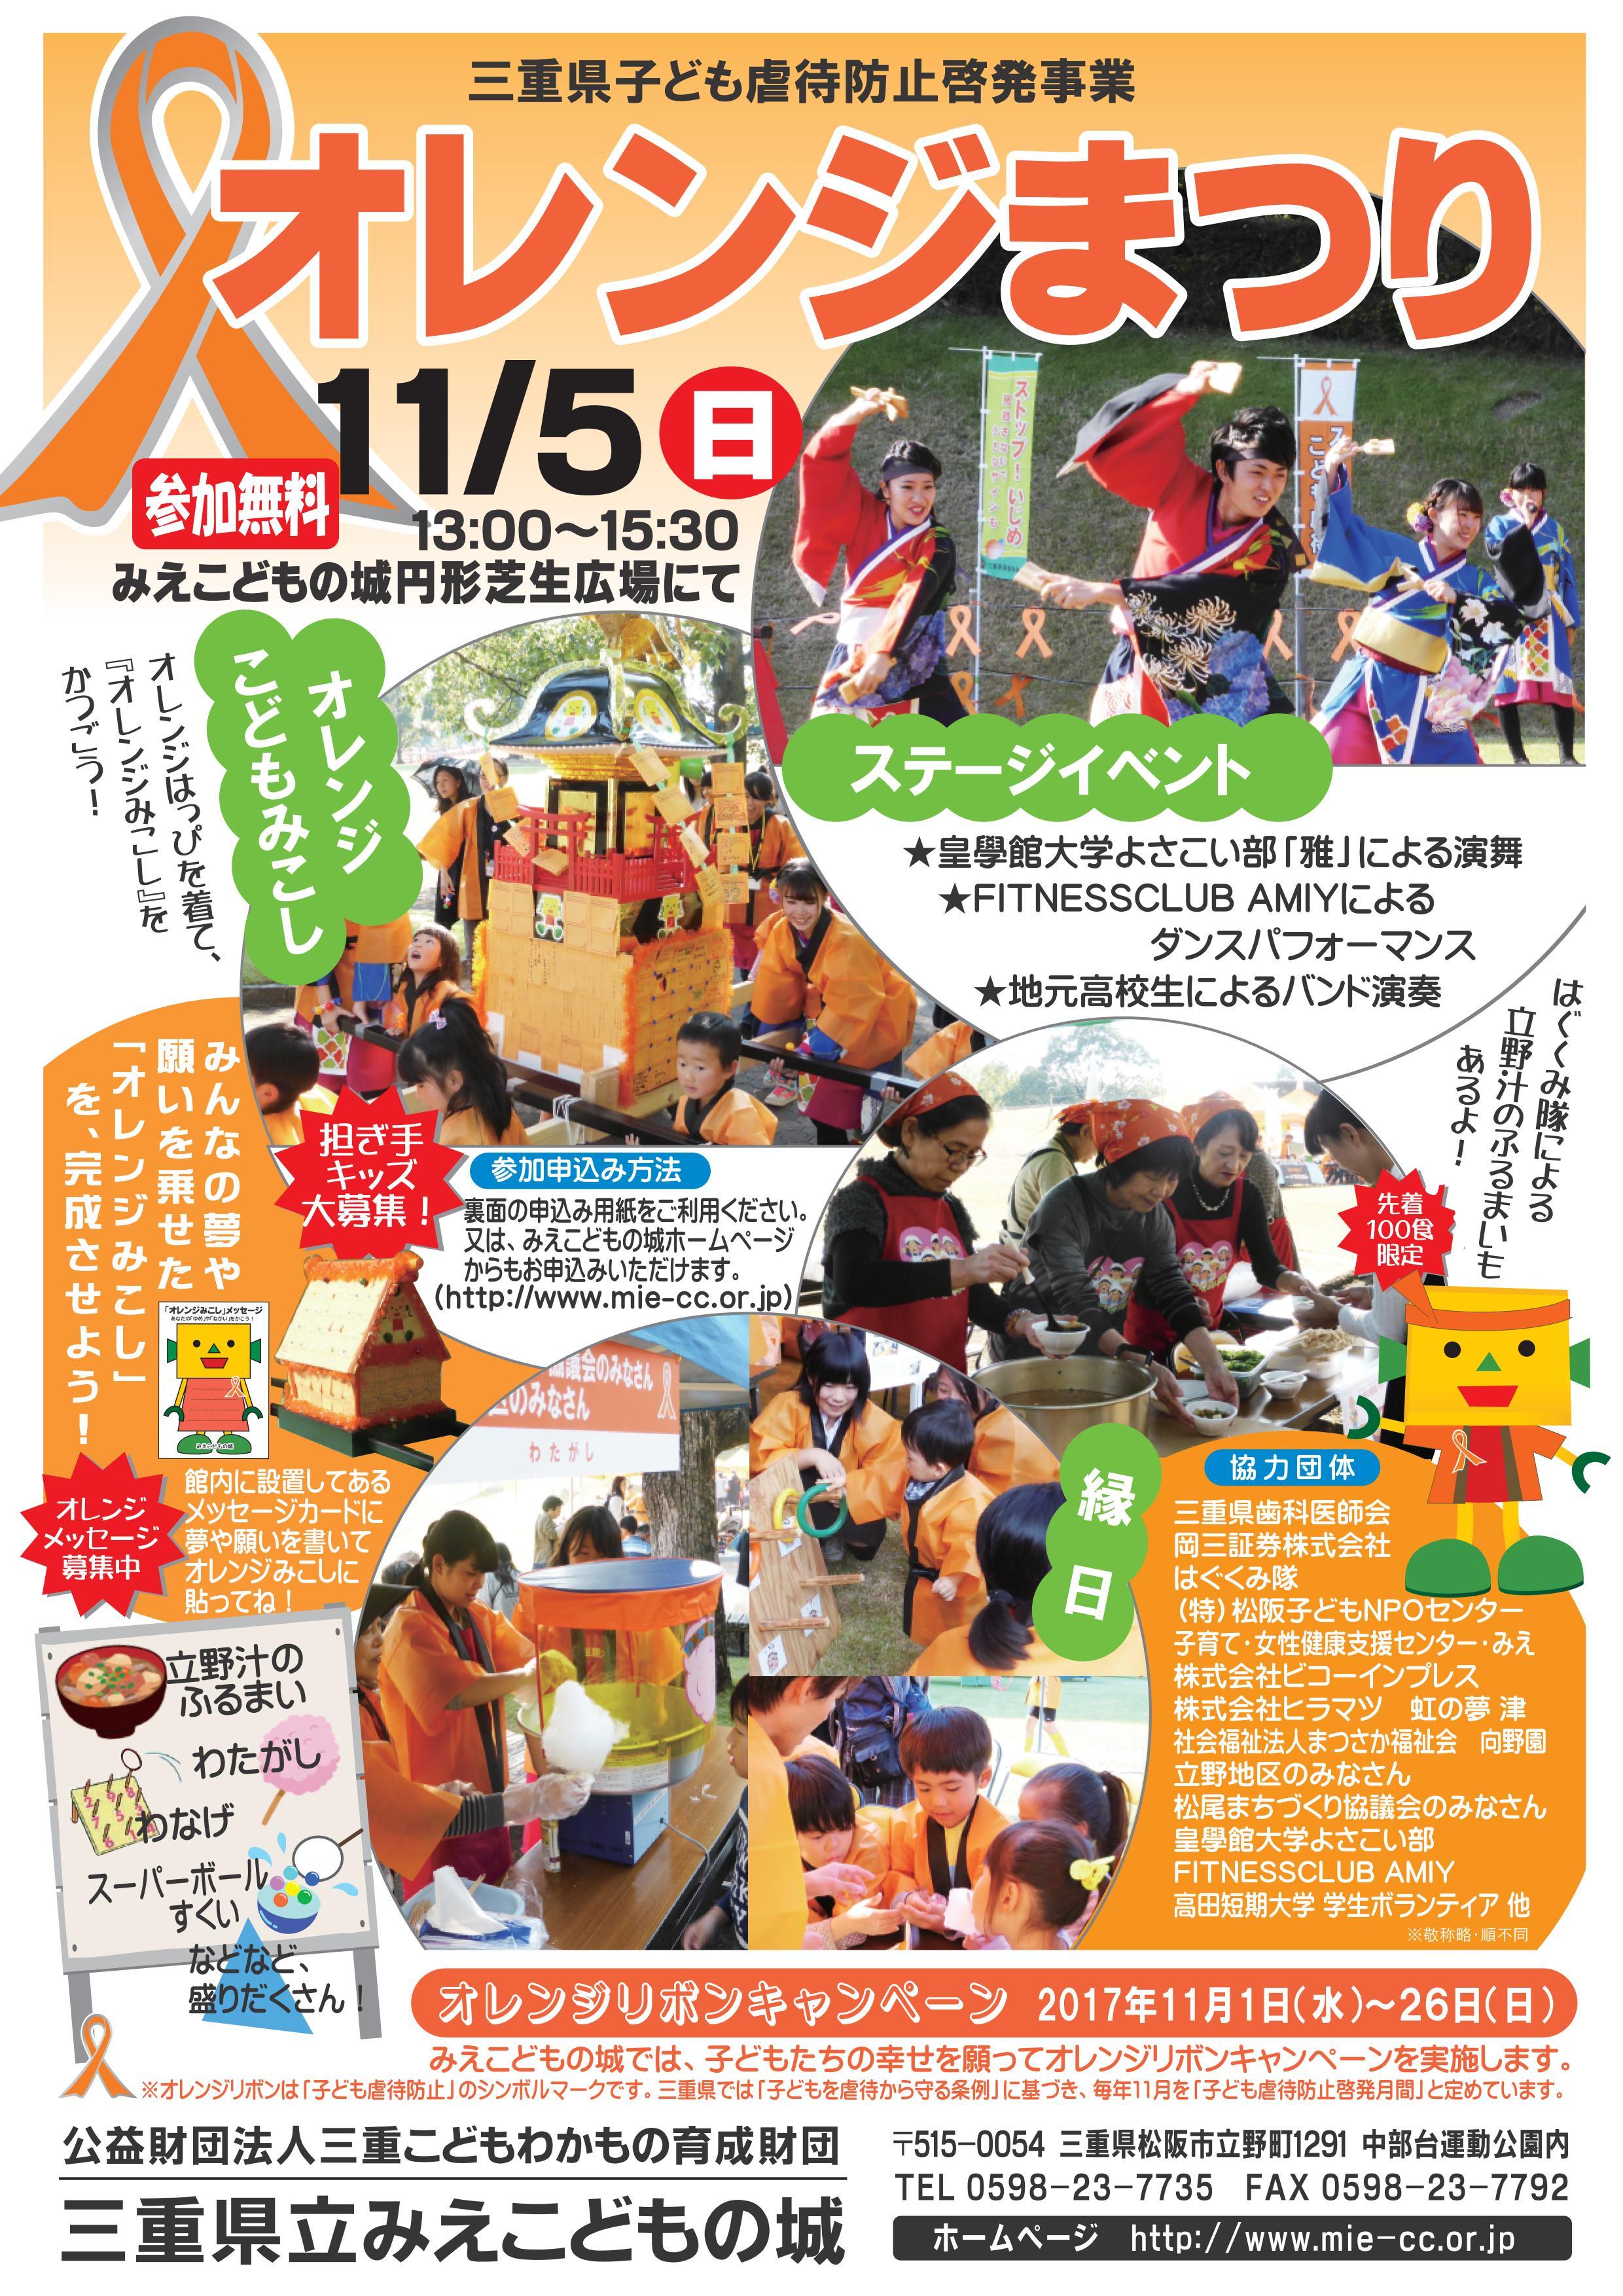 H29オレンジまつりチラシ(両面) (1)_01